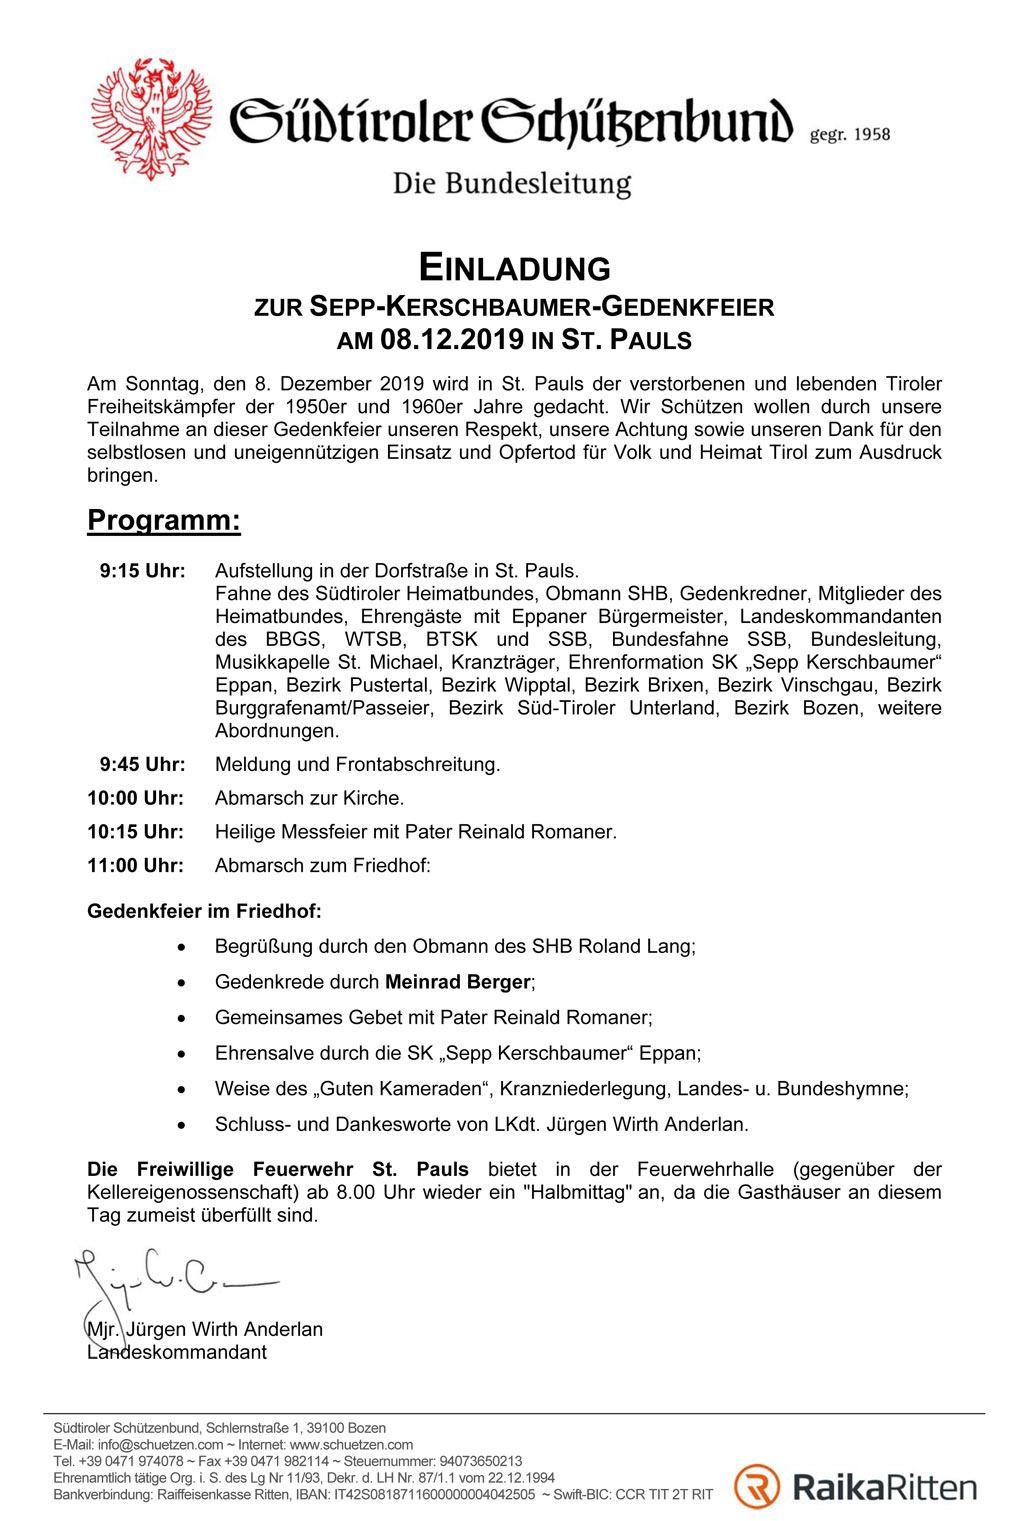 2019_SSB_Kerschbaumer Einladung